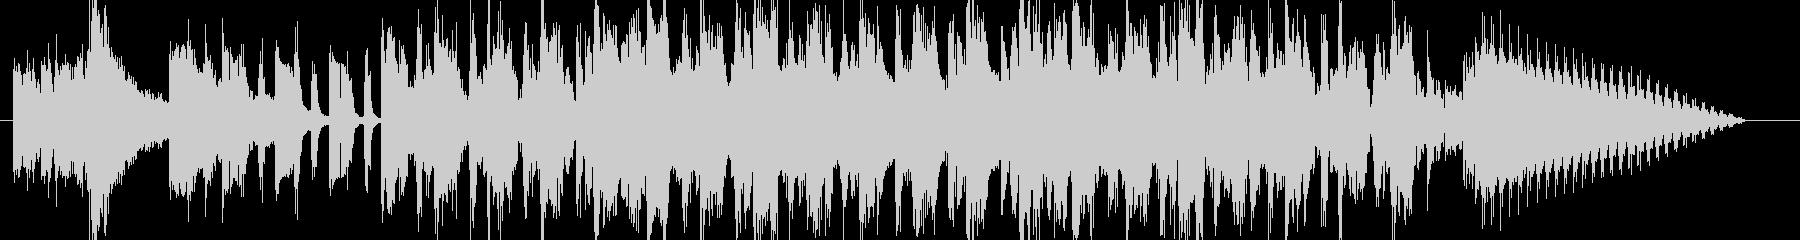 レトロチックで神秘的なBGM の未再生の波形